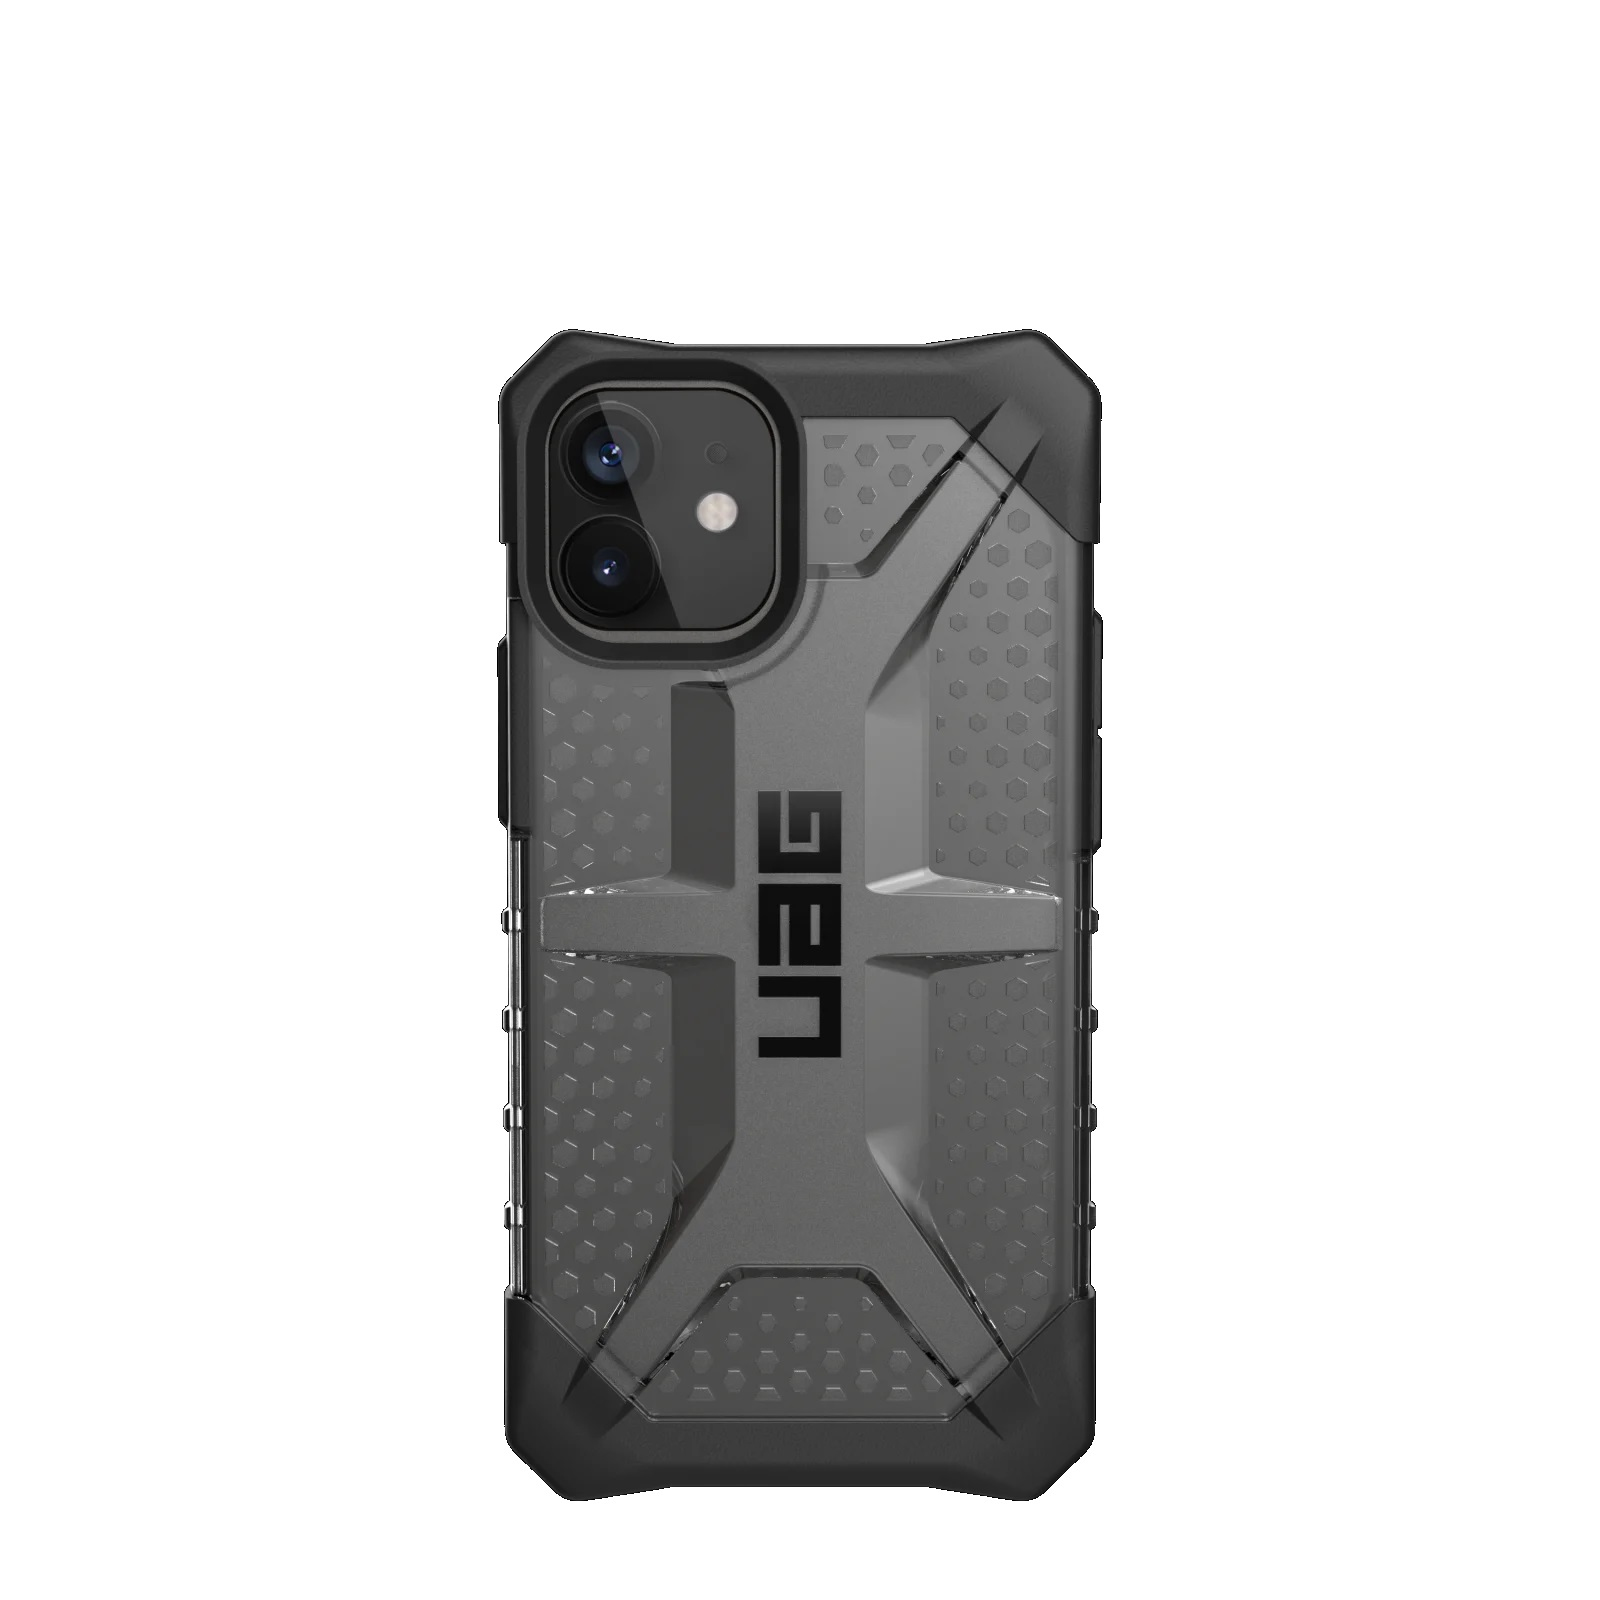 """Urban Armor Gear Plasma funda para teléfono móvil 13,7 cm (5.4"""") Negro, Gris, Translúcido"""